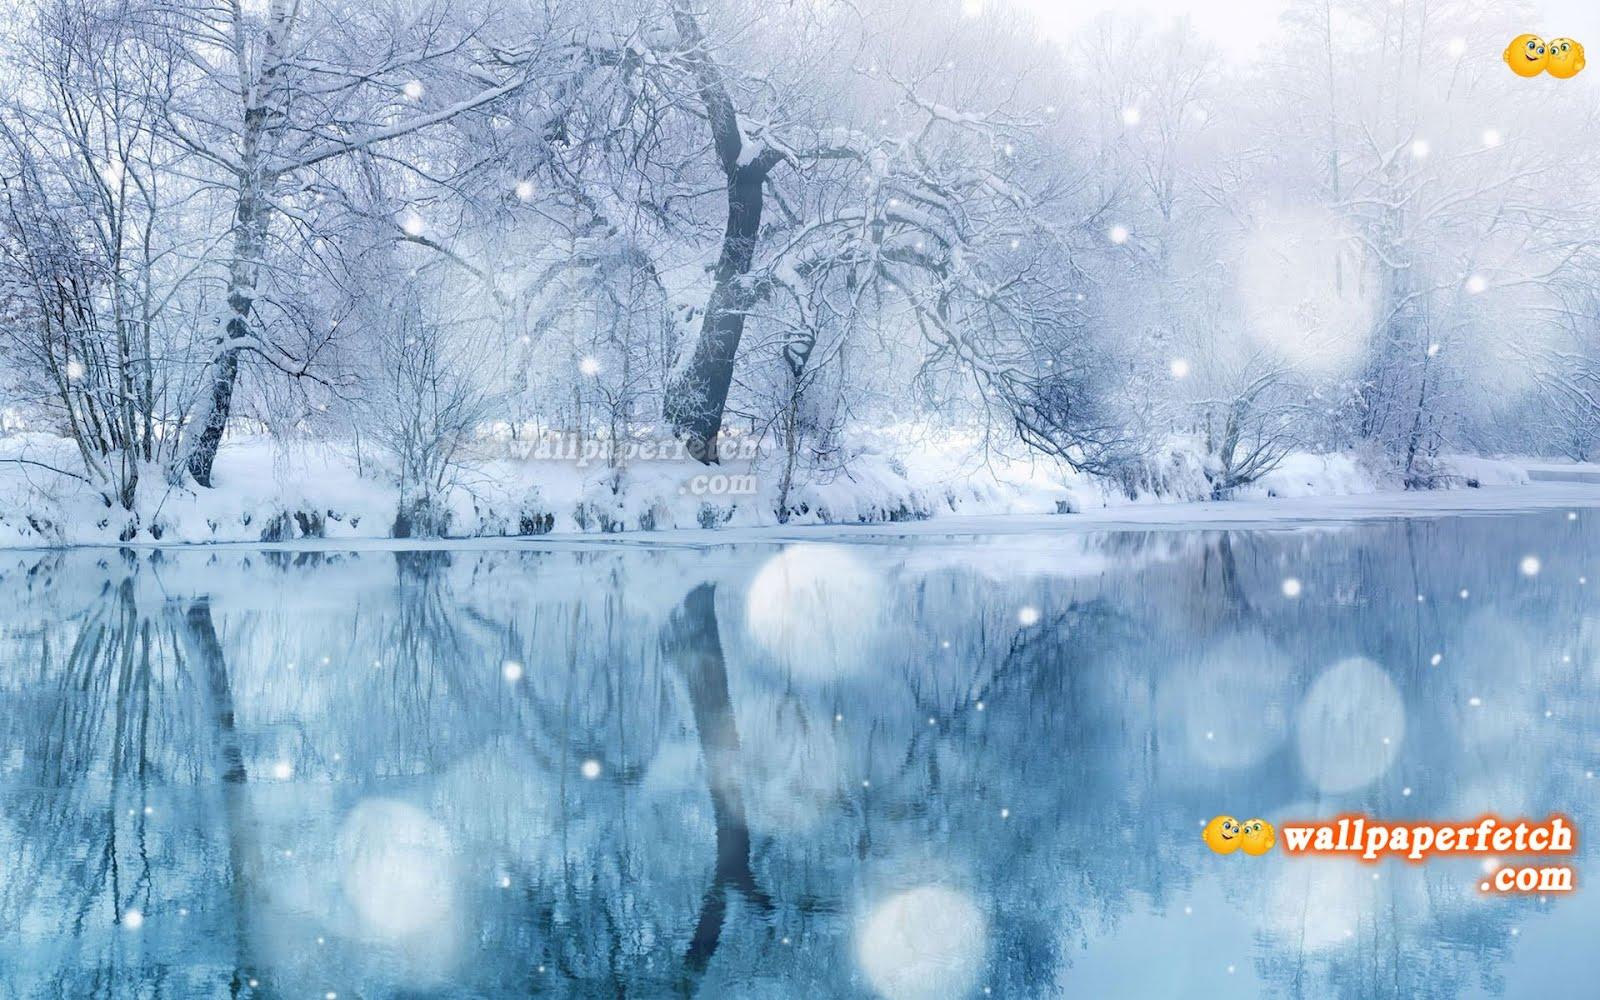 http://1.bp.blogspot.com/-gEfaMNpryis/T5-j3ZDObEI/AAAAAAAAKeA/SxrAzdCHcj4/s1600/White_Clean_World_Wallpaper_1920x1200_wallpaperhere.jpg